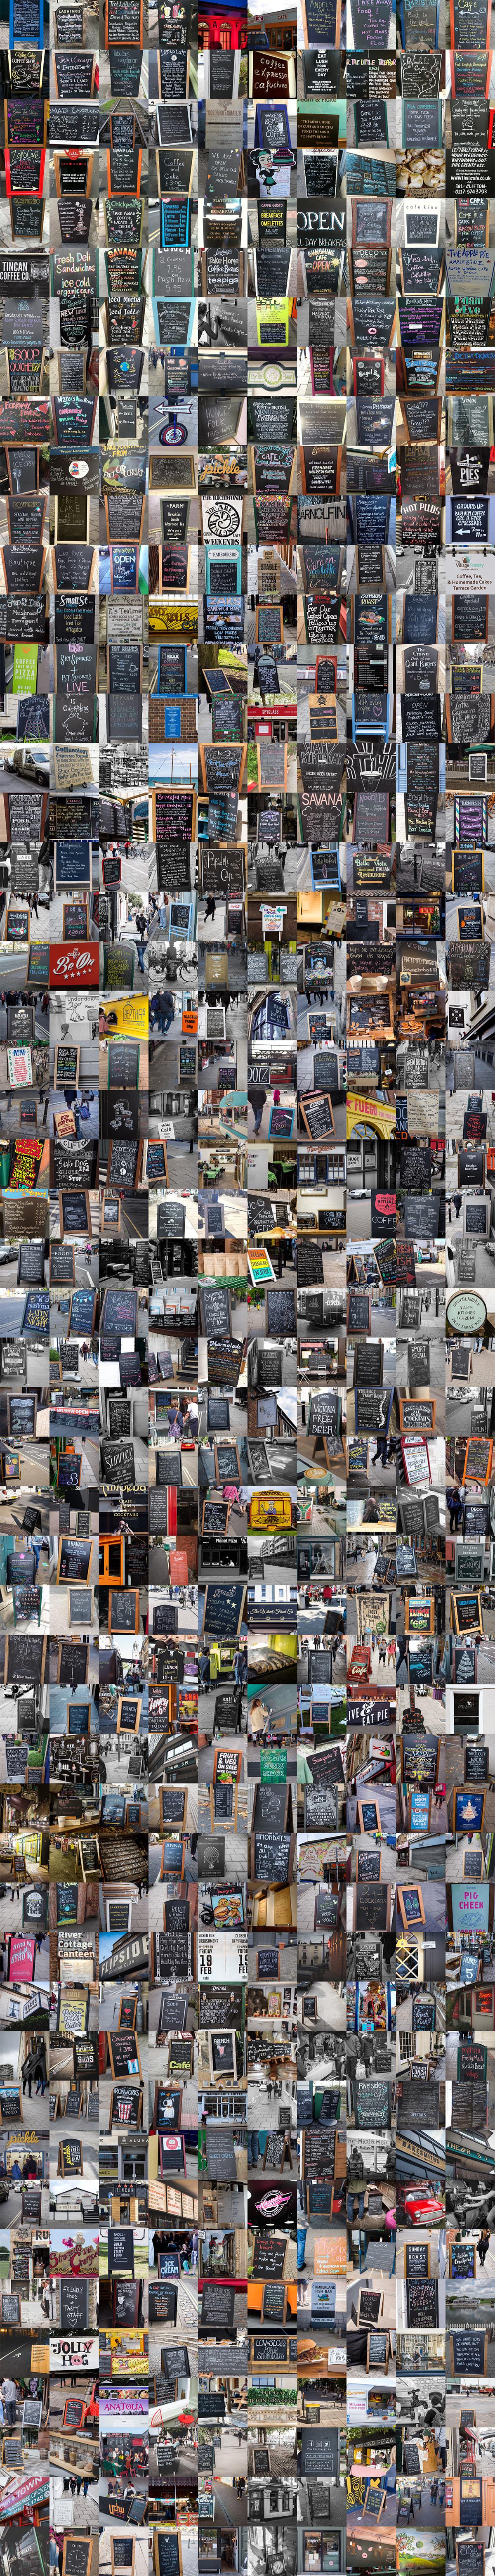 Many, many cafe signs.